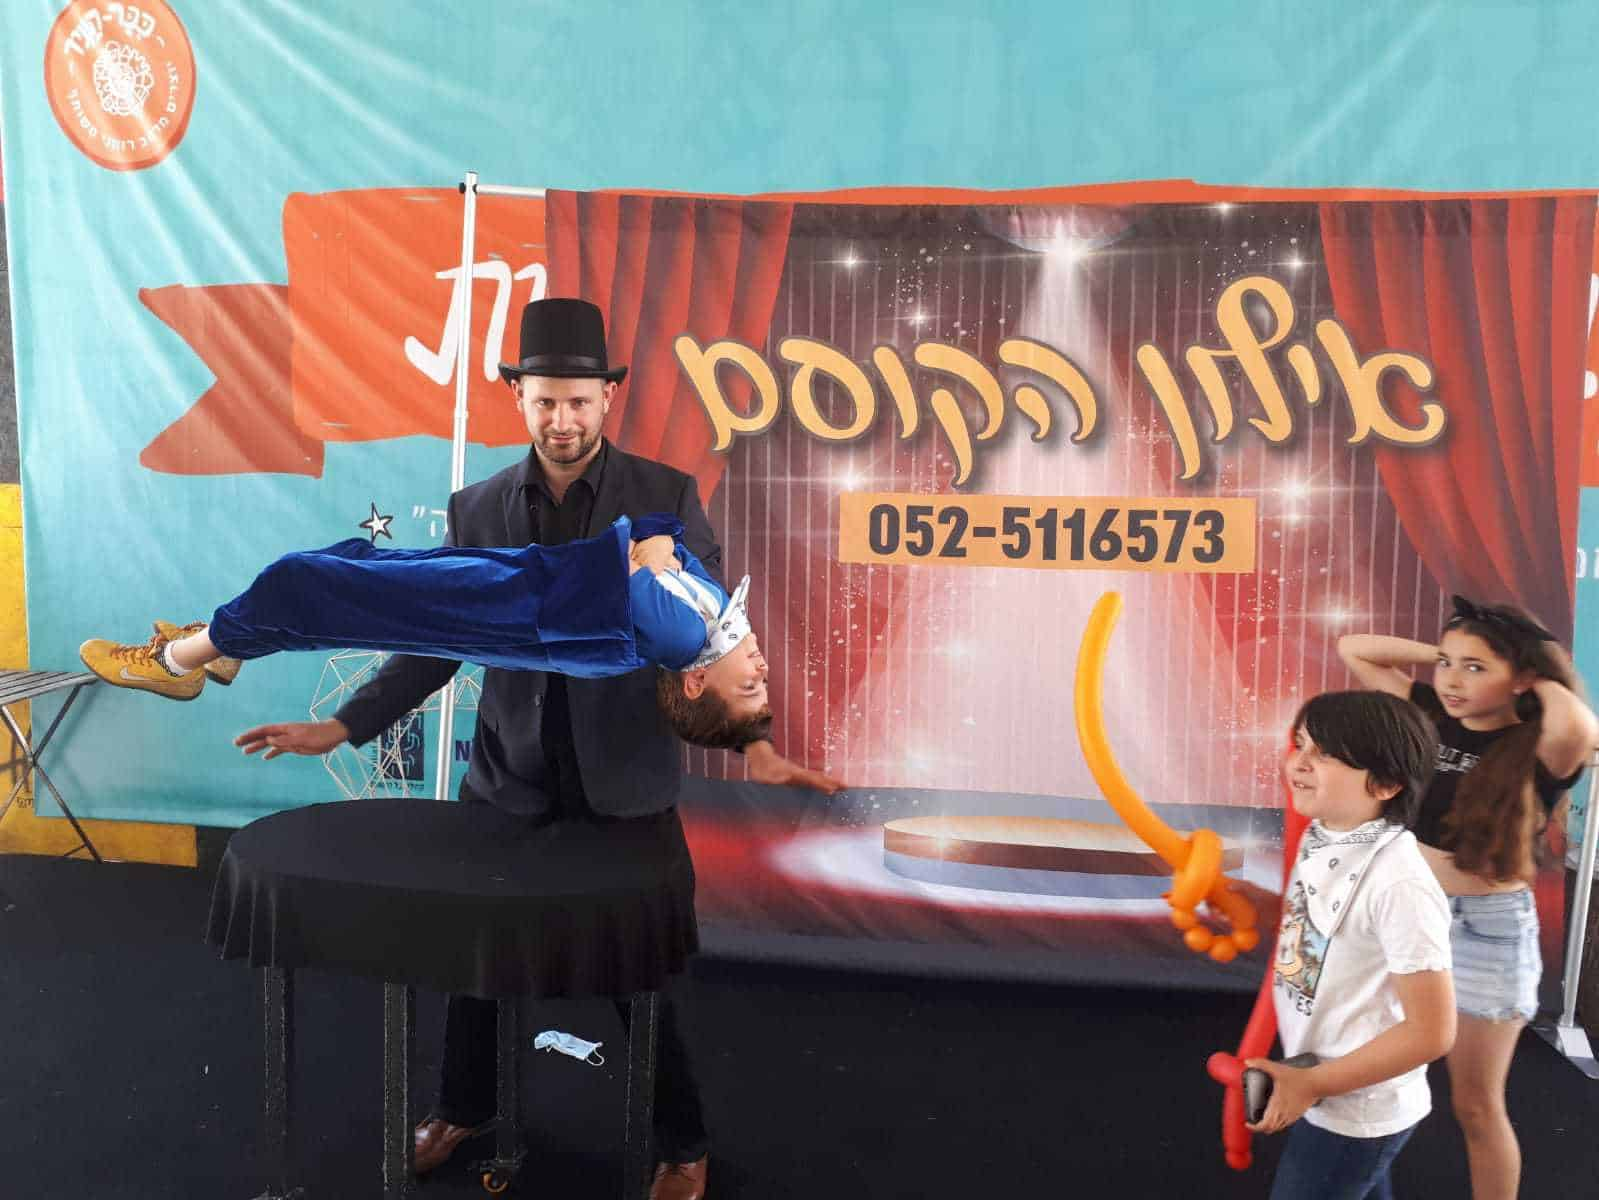 אילון הקוסם - ילד מרחף